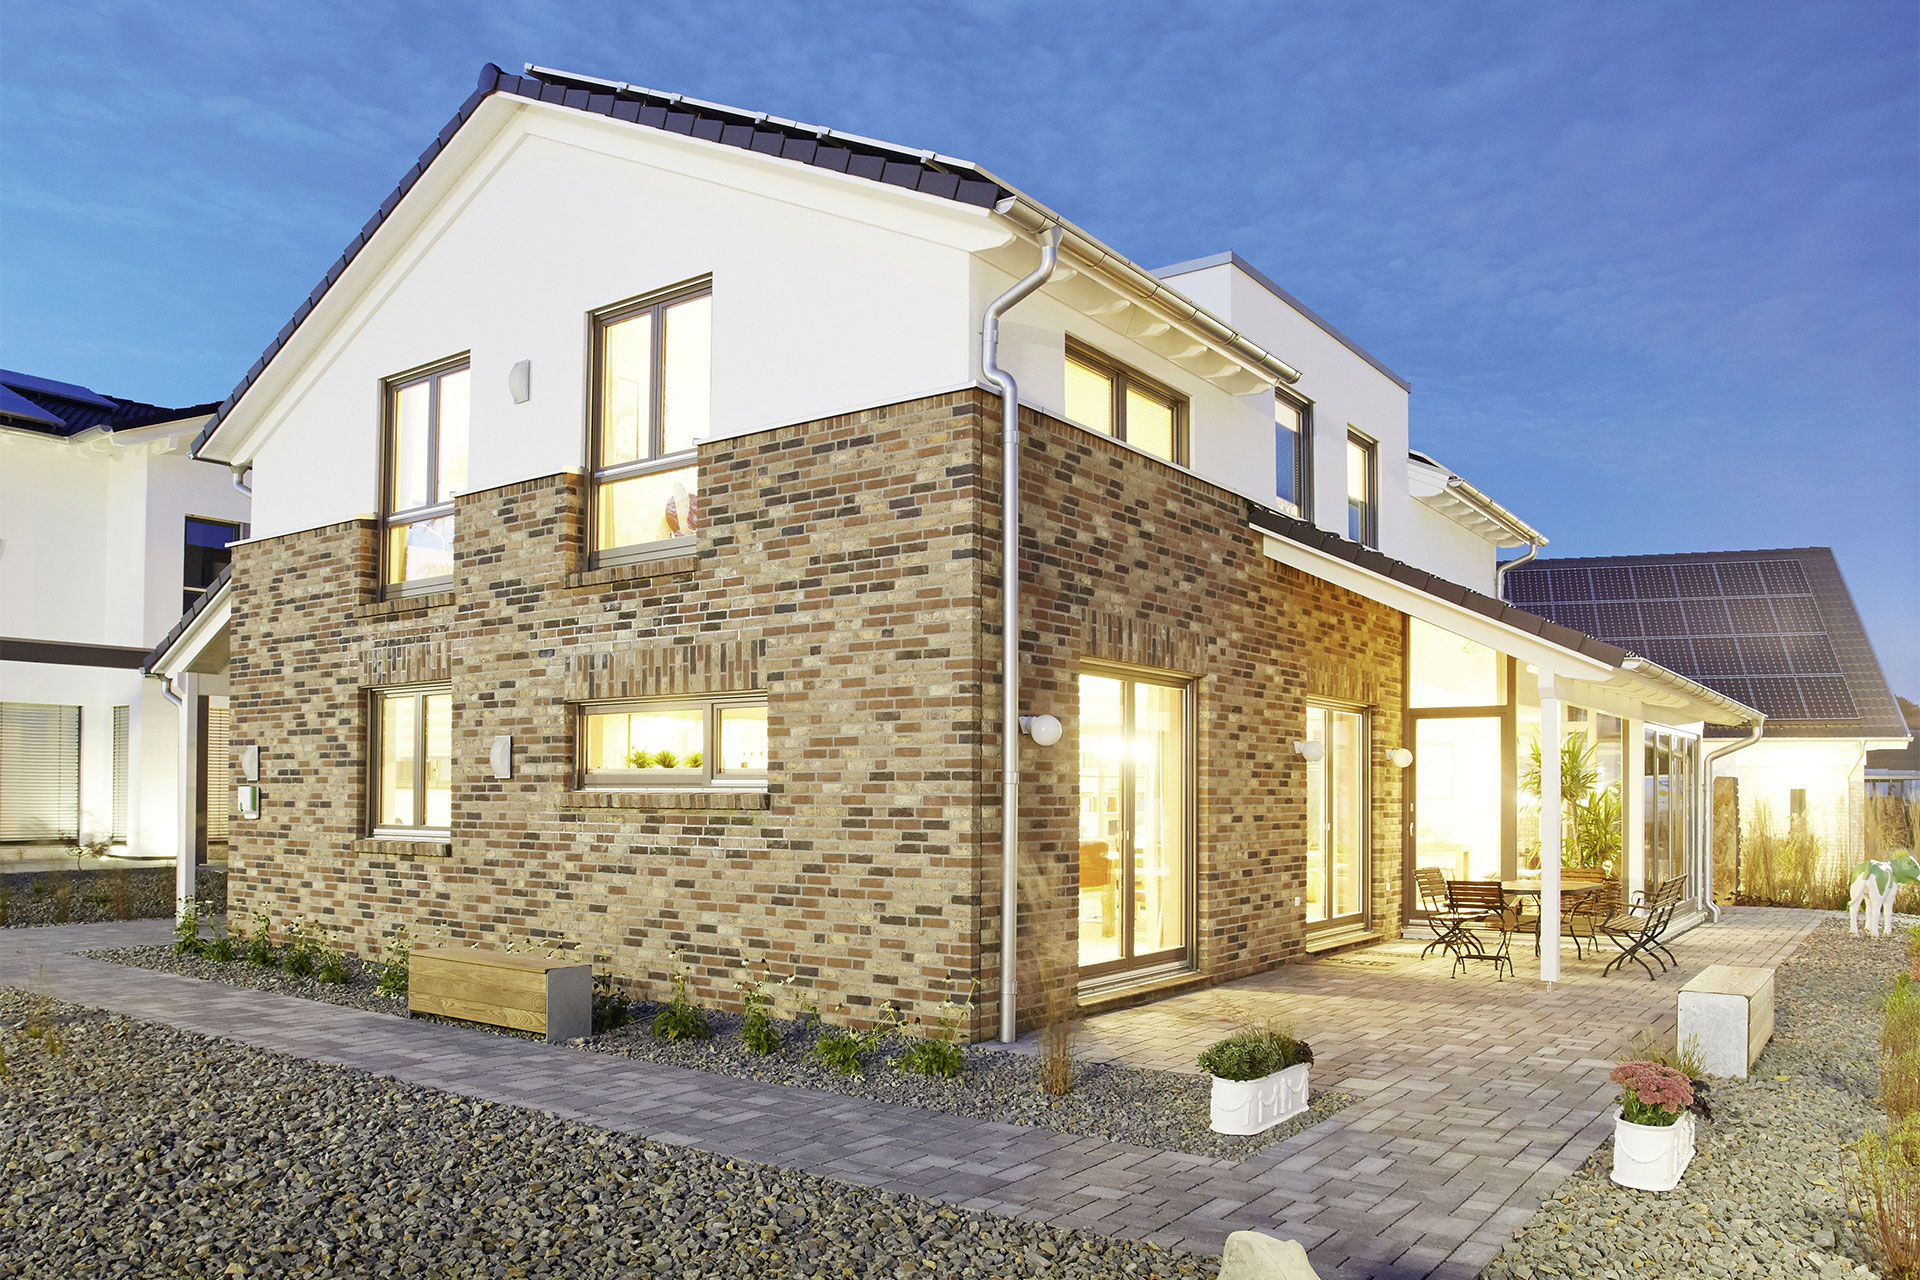 Musterhaus isabella wuppertal ein fertighaus von for Fertighaus satteldach modern